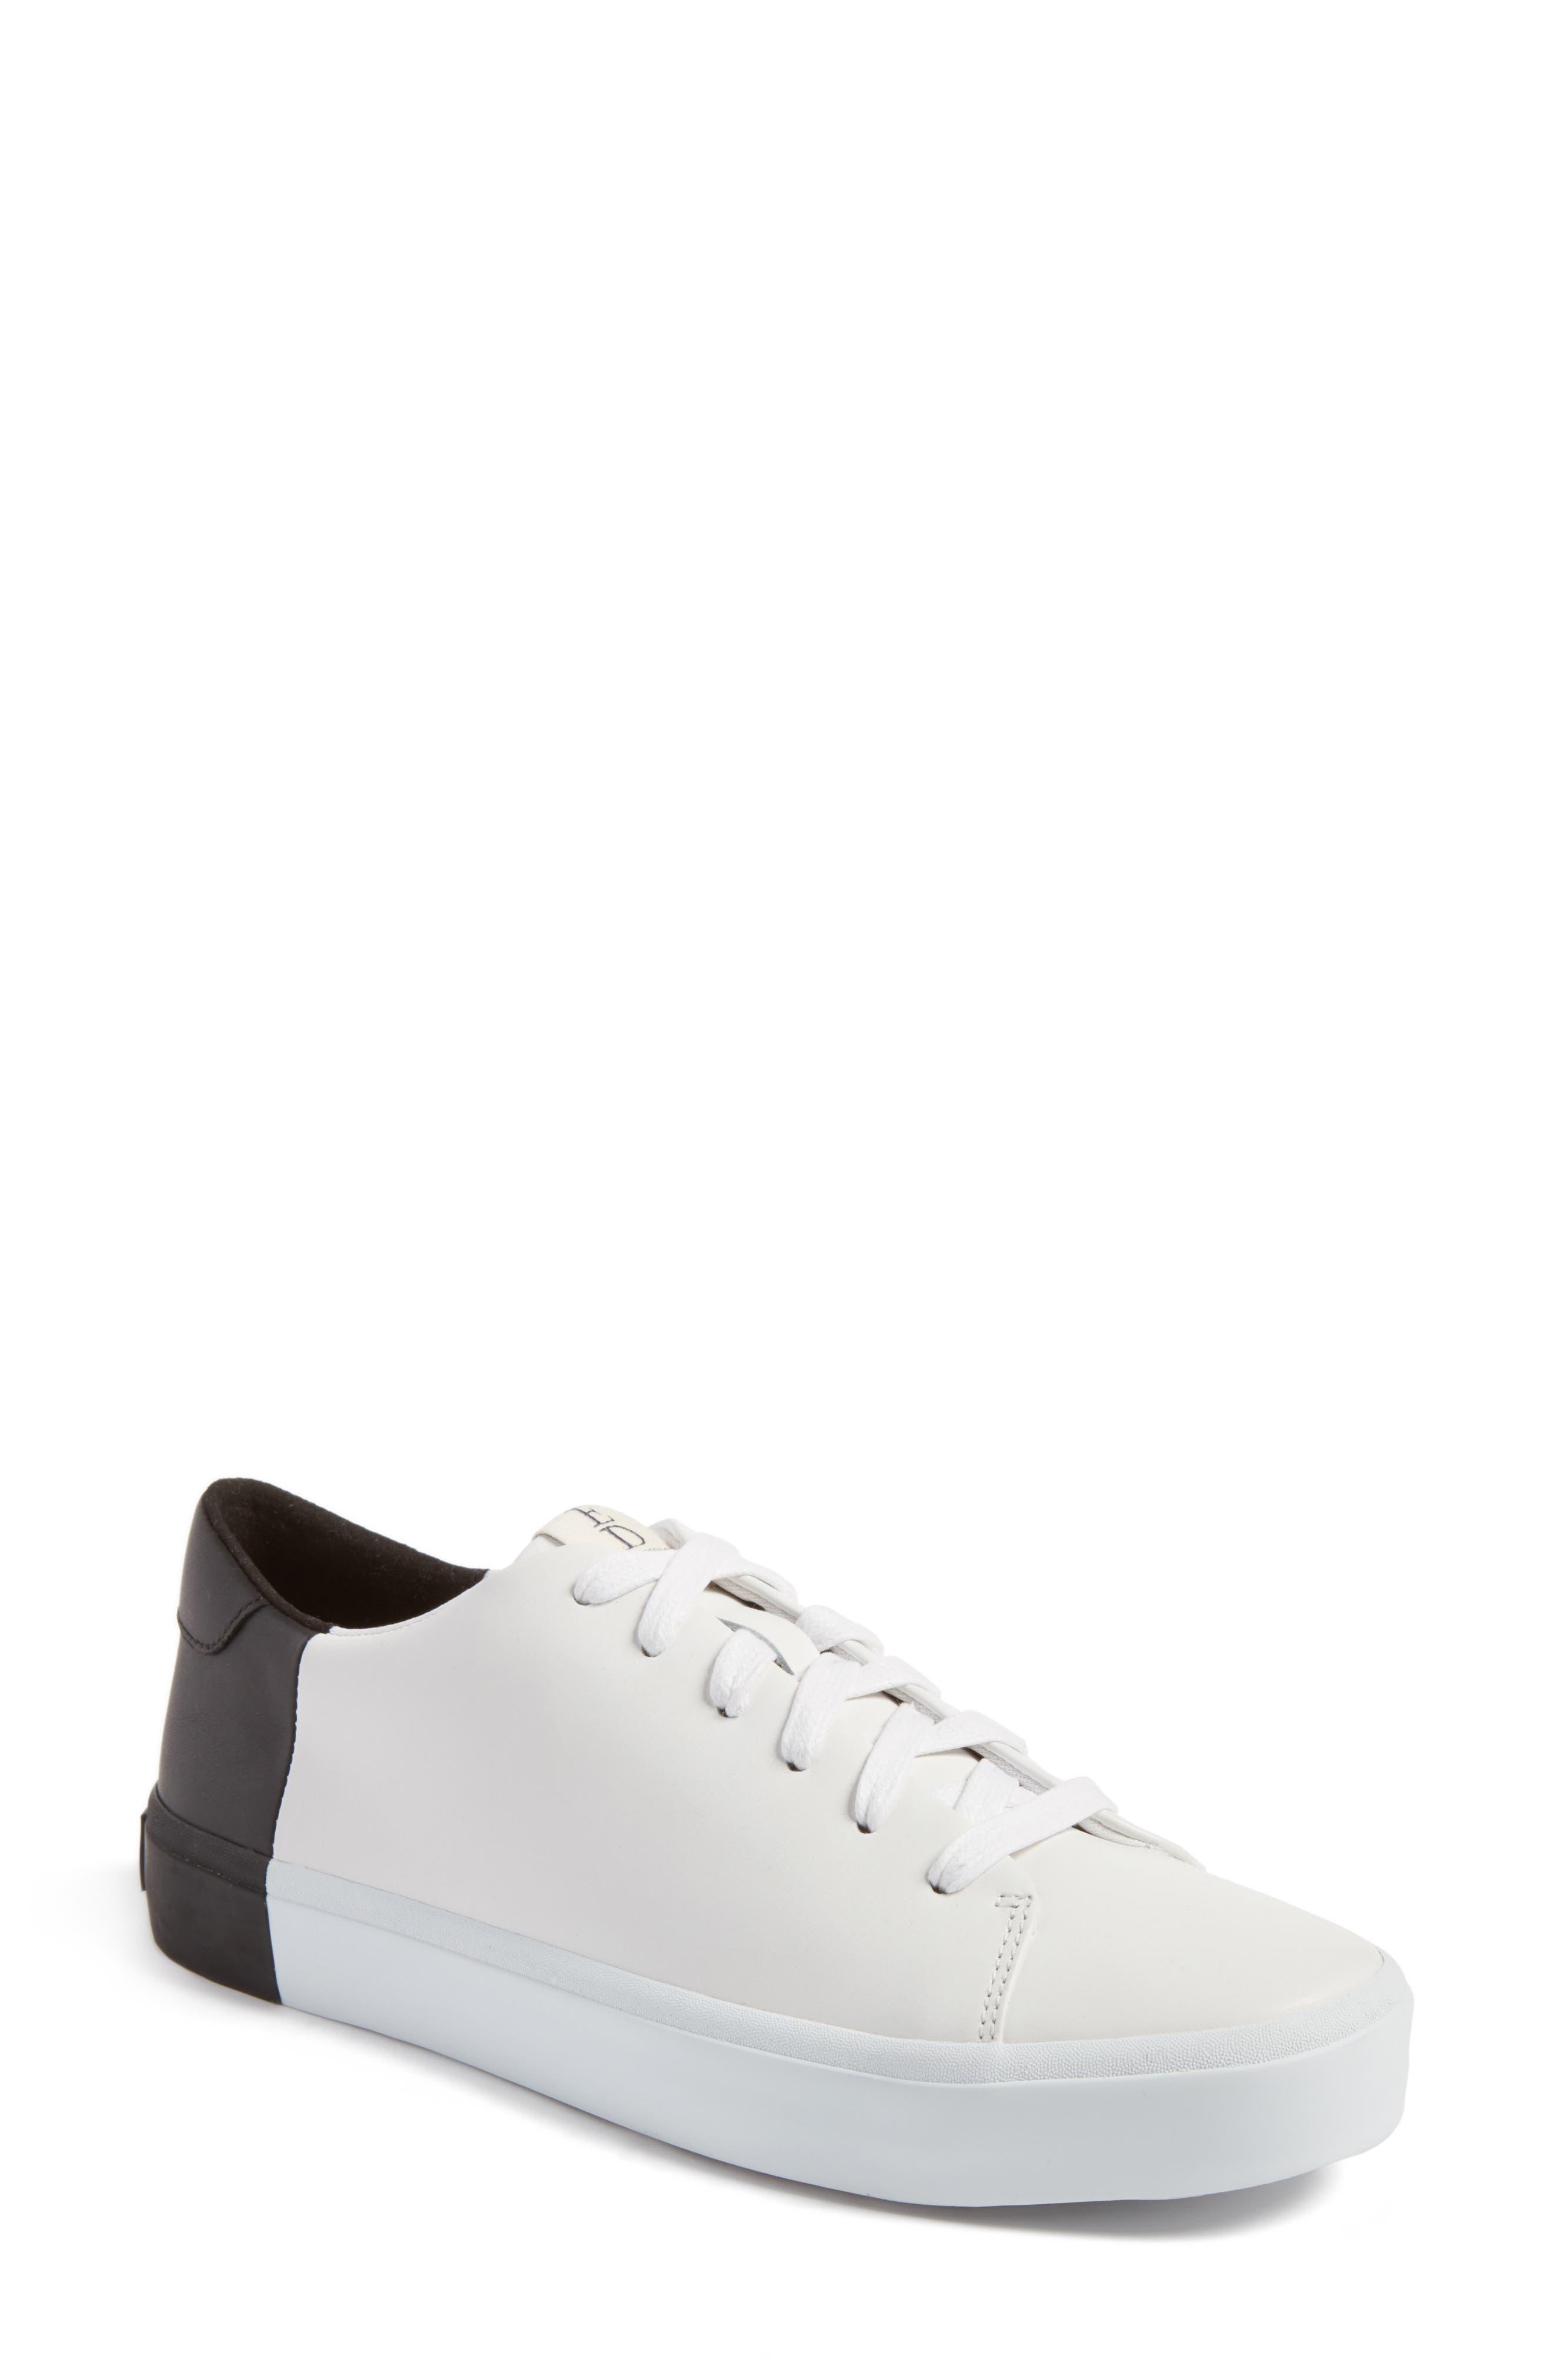 Darien Sneaker,                         Main,                         color, 100